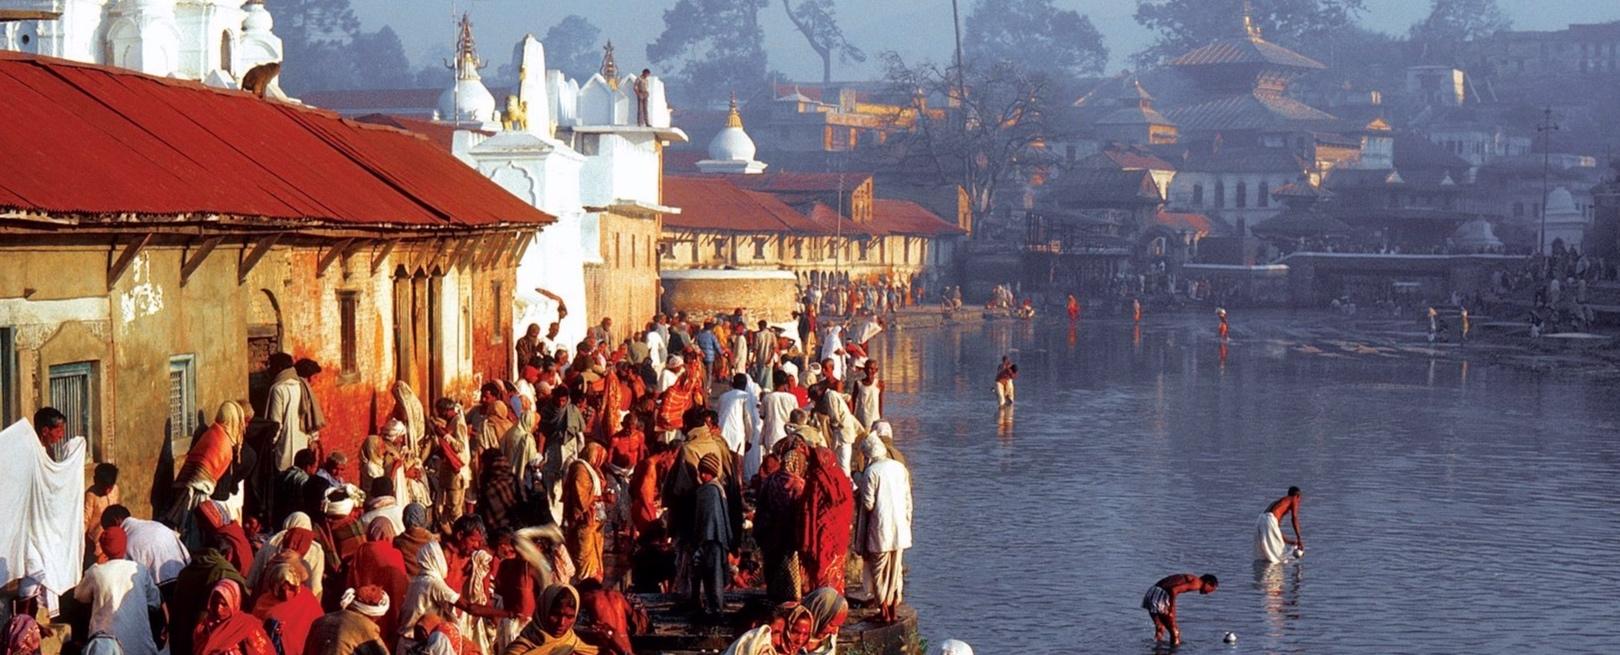 pashupatinath-pilgrimage-tour-in-kathmandu-nepal.jpg